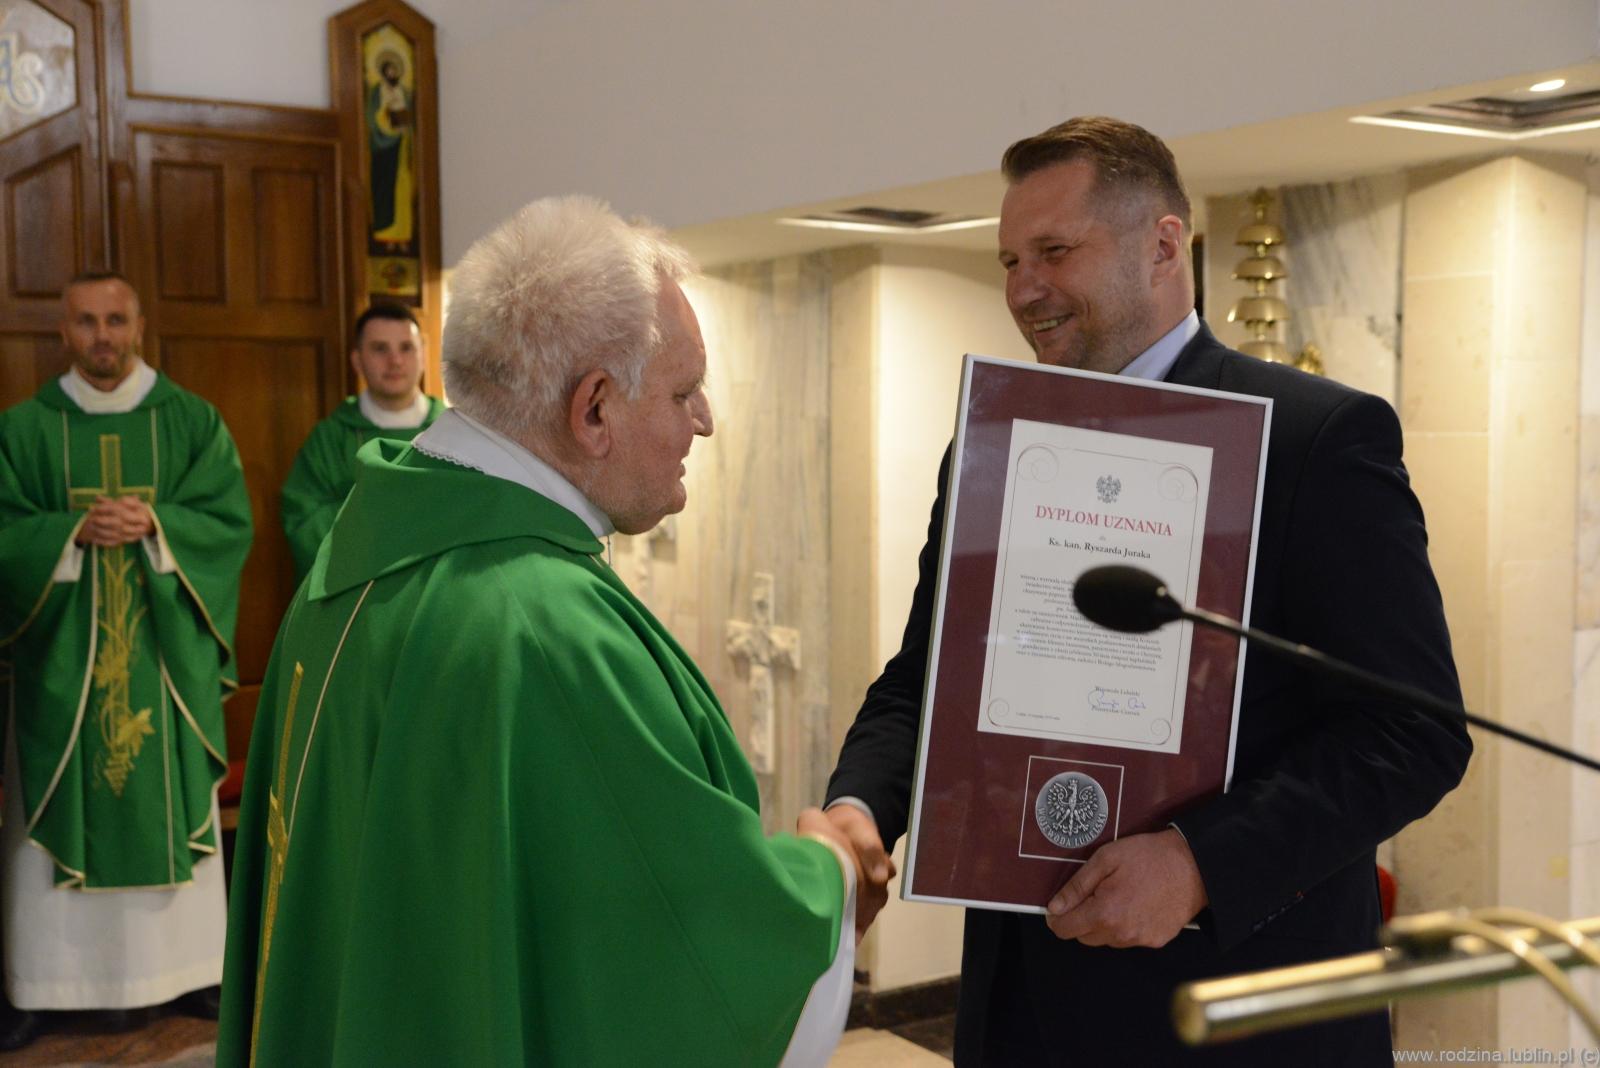 Wyróżnienie dla Ks. Kan. Ryszarda Juraka oraz zdjęcia z Apelu w Święto Podwyższenia Krzyża Świętego